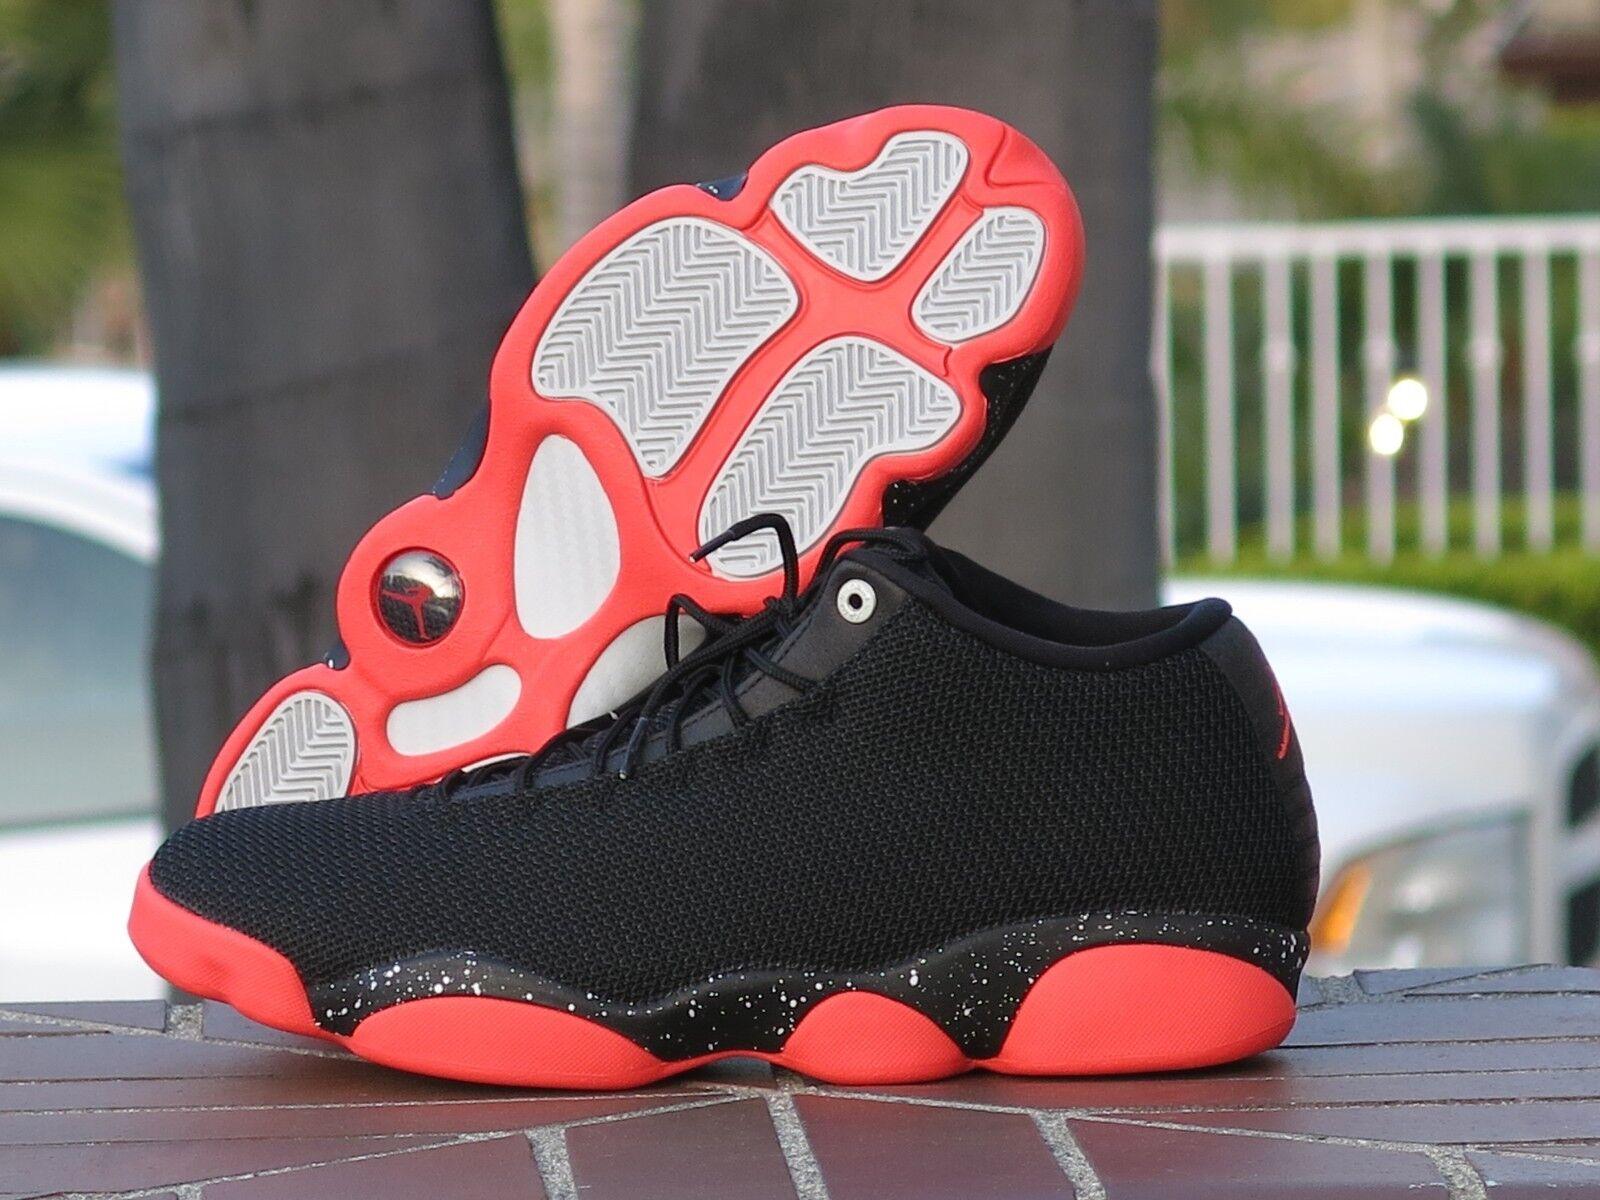 Nike jordan orizzonte bassa Uomo basket scarpe scarpe basket 845098-060 sz 13 2e27bc